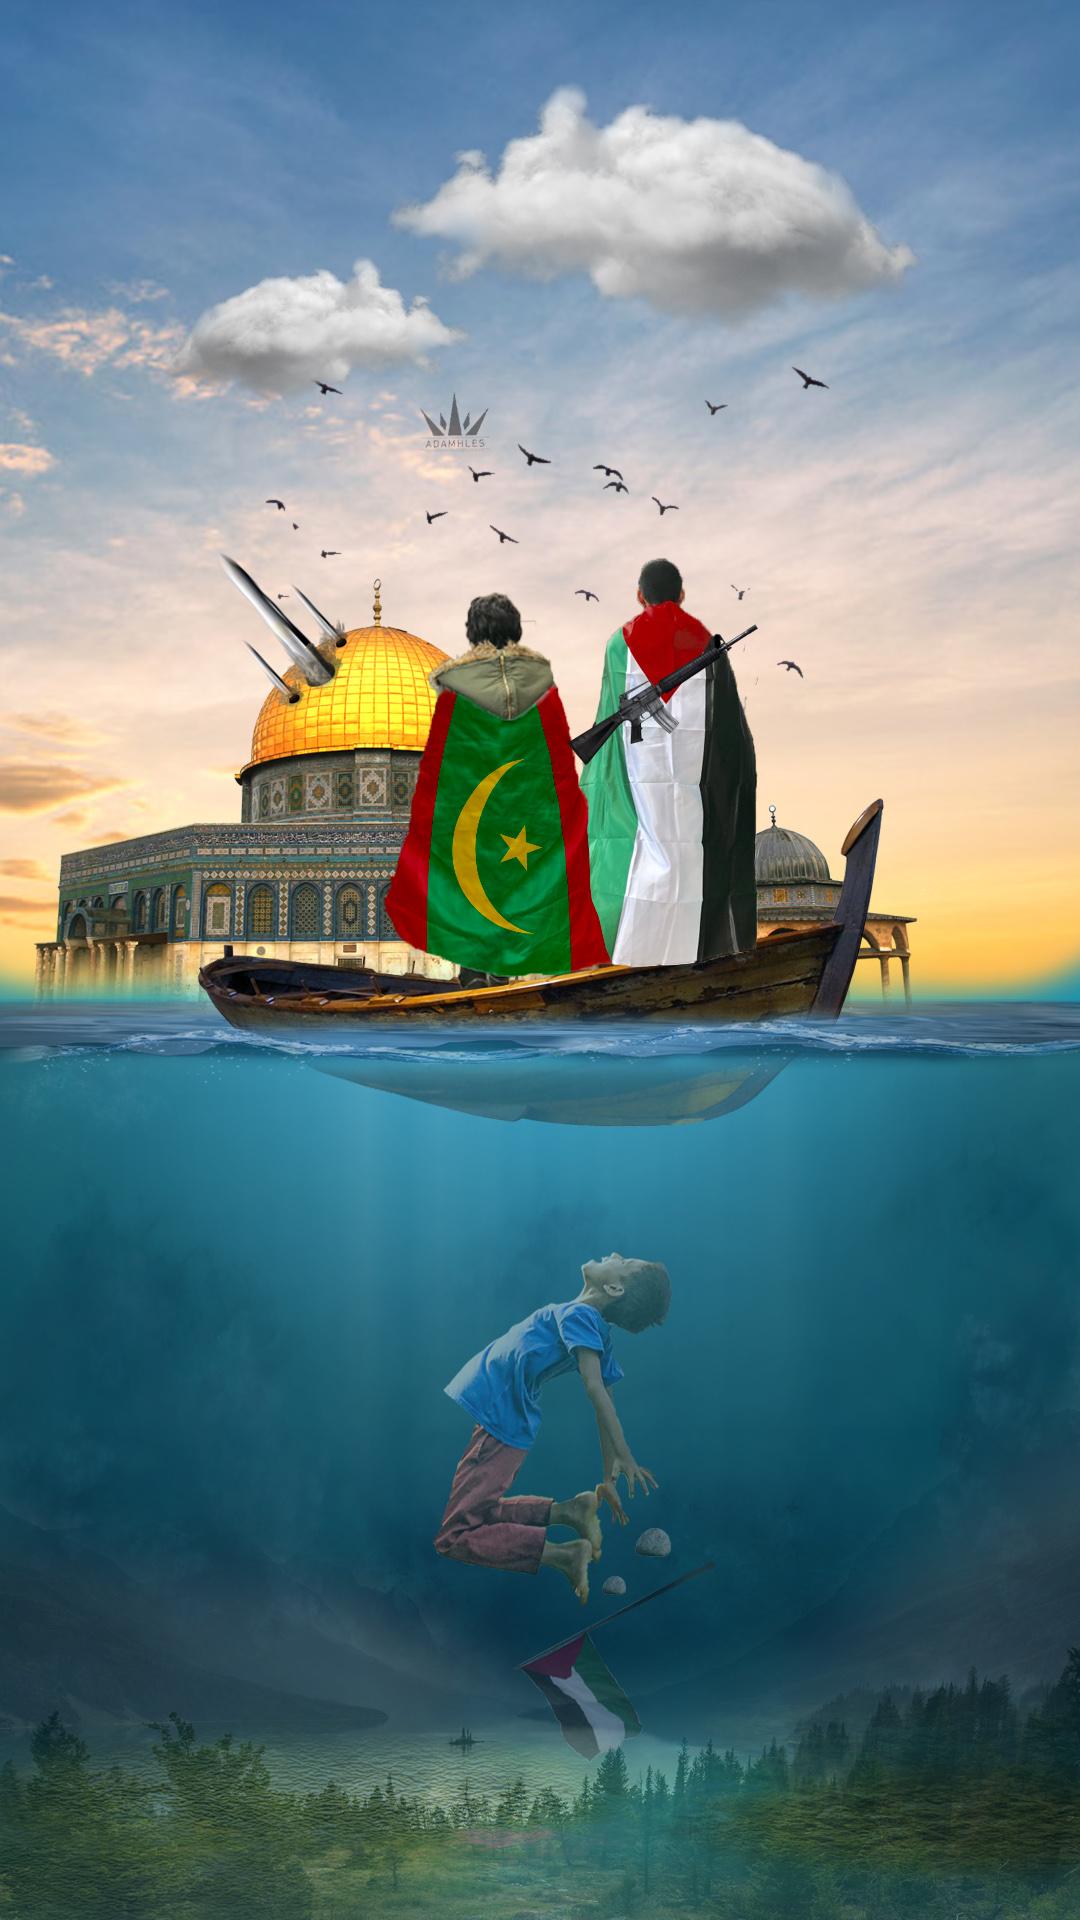 اجمل خلفية تصامن مع فلسطين علم موريتانيا وعلم فلسطين Flag Palestine and Mauritania